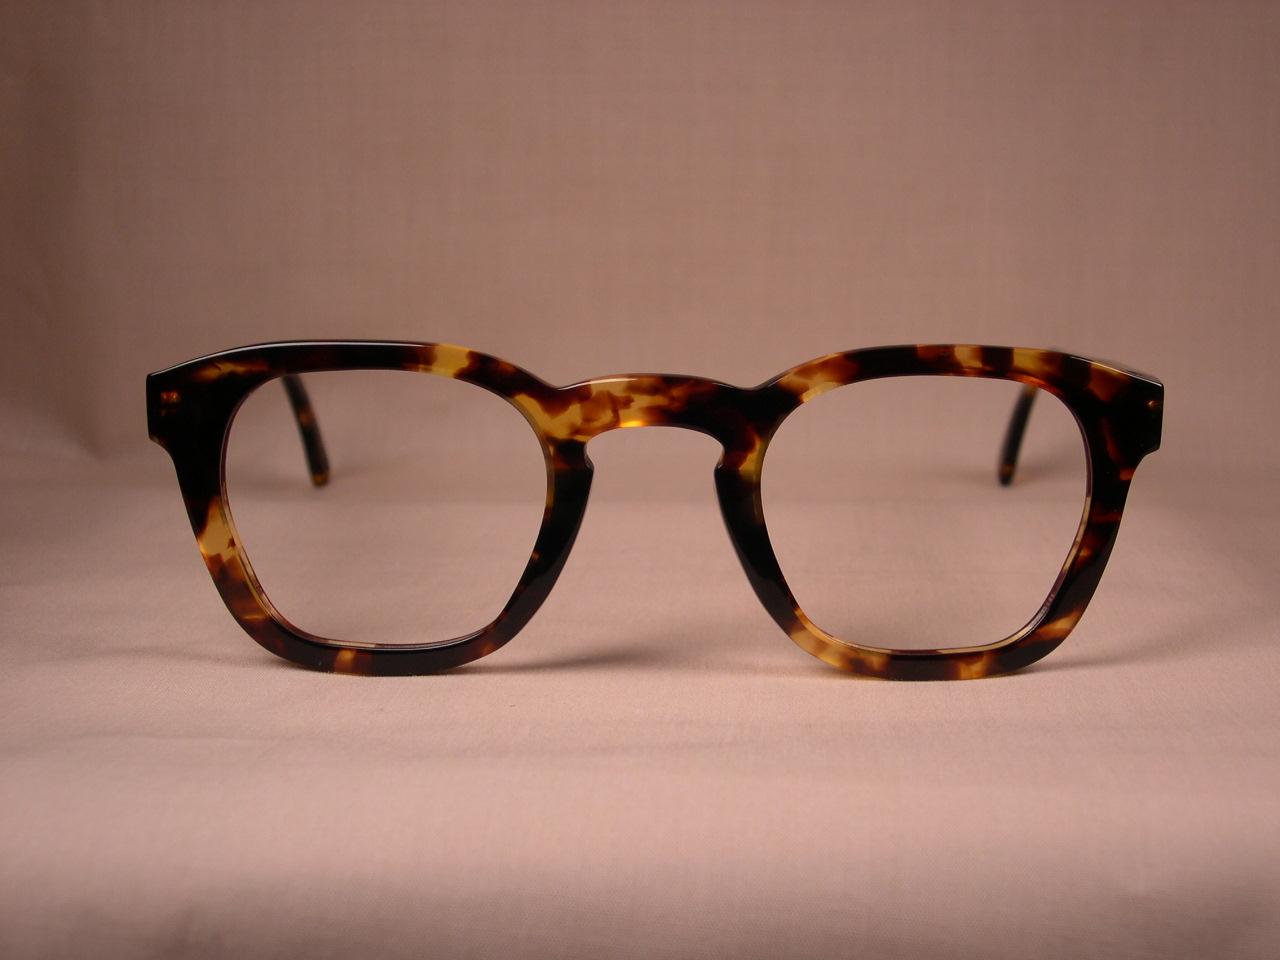 Indivijual-Custom-Glasses-13.jpg